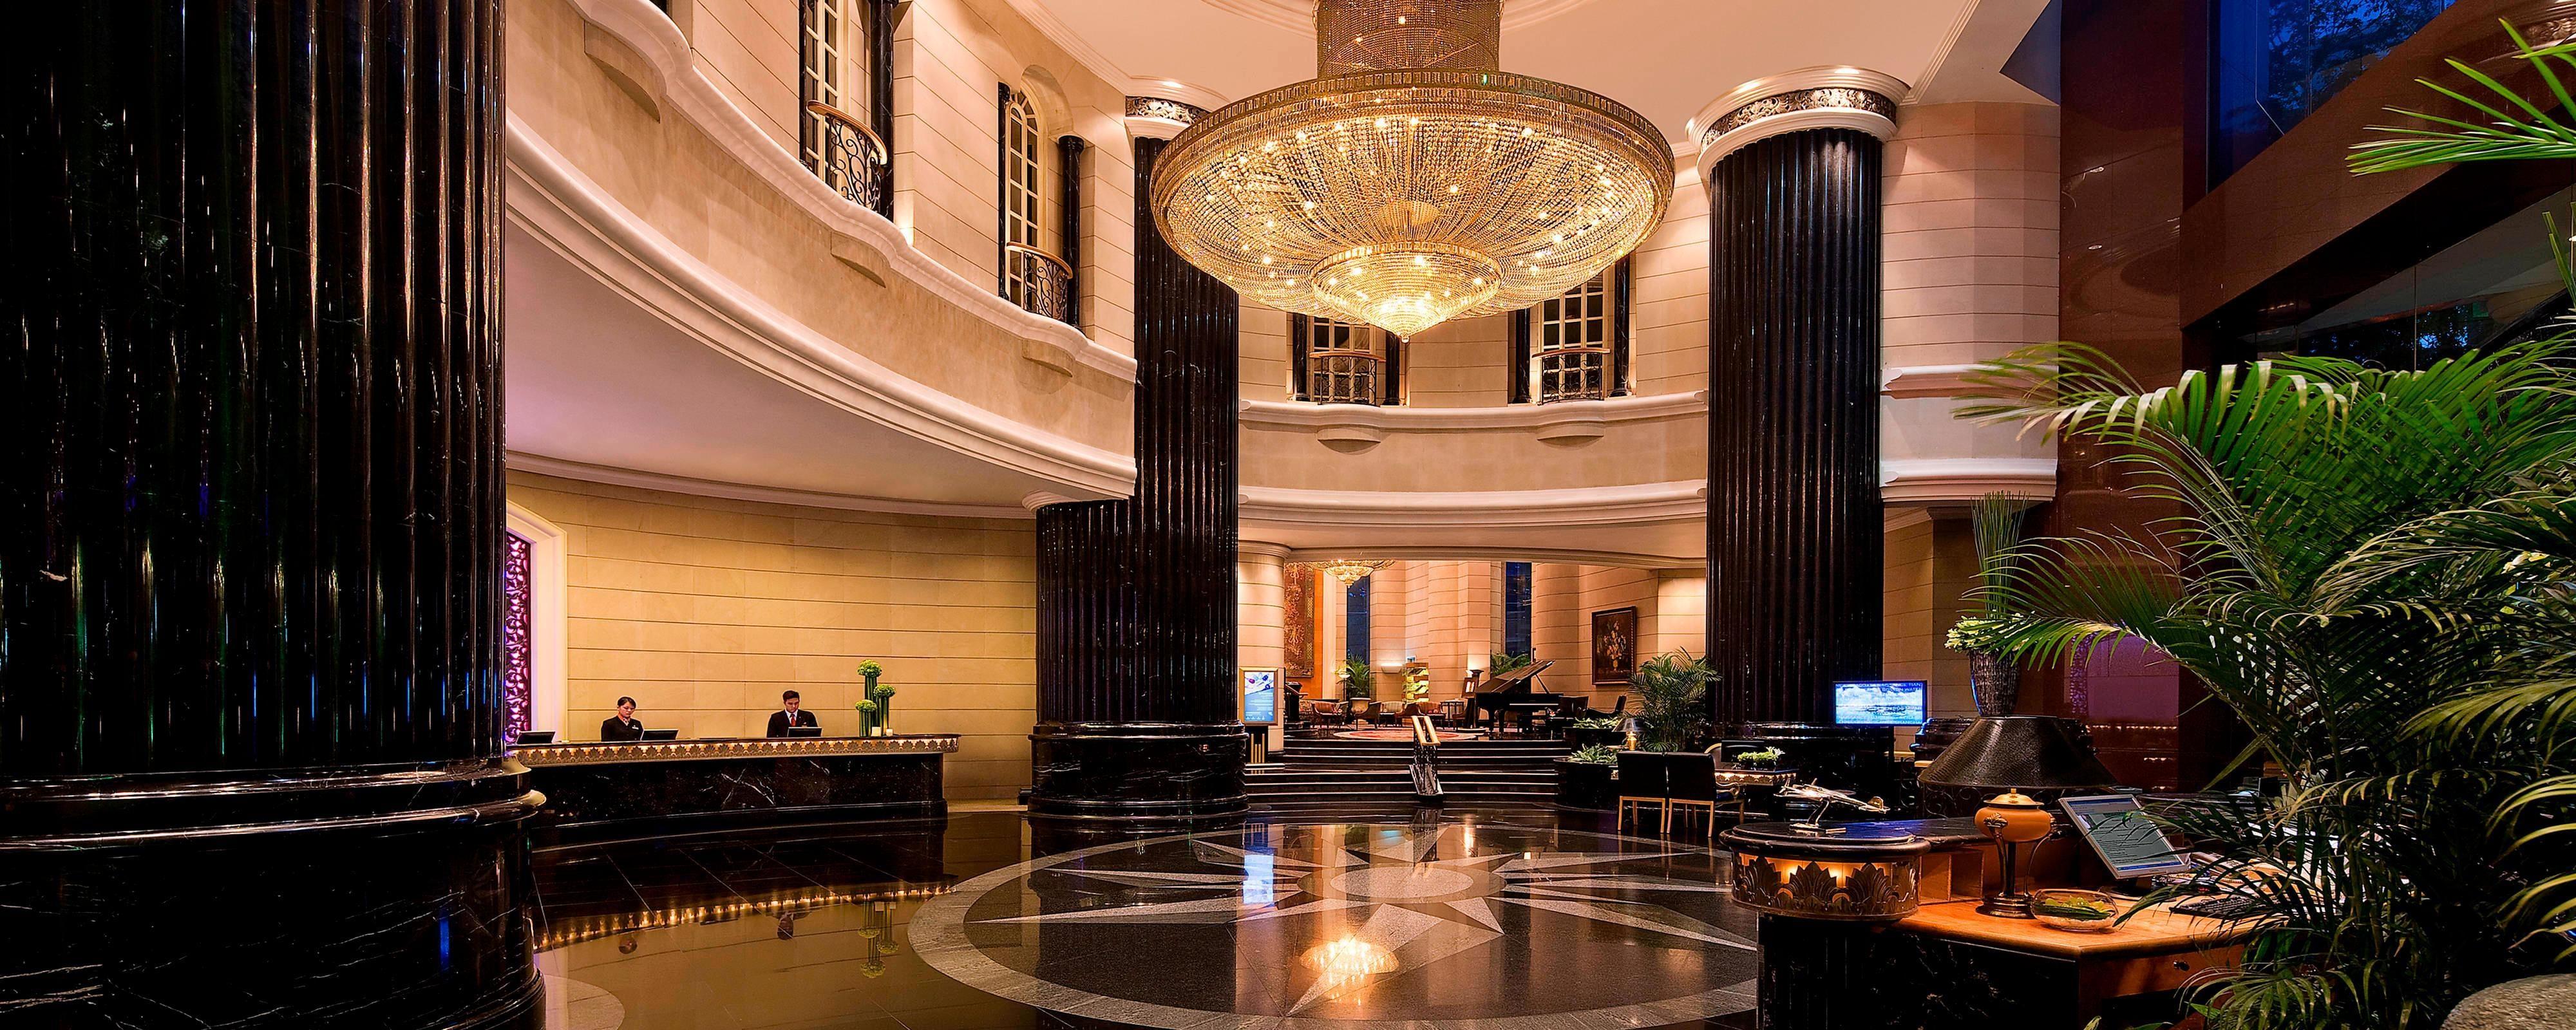 5 Star Hotel Kuala Lumpur  Renaissance Kuala Lumpur Hotel